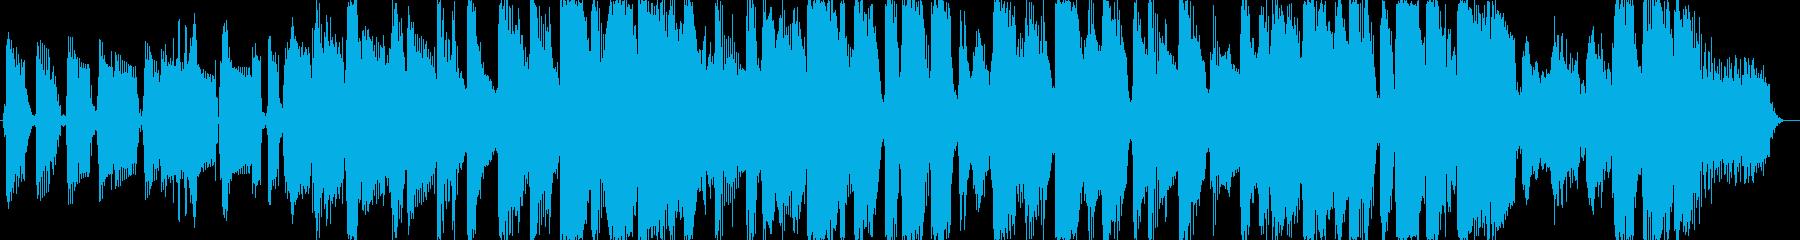 いたずらっ子達のイメージBGMの再生済みの波形